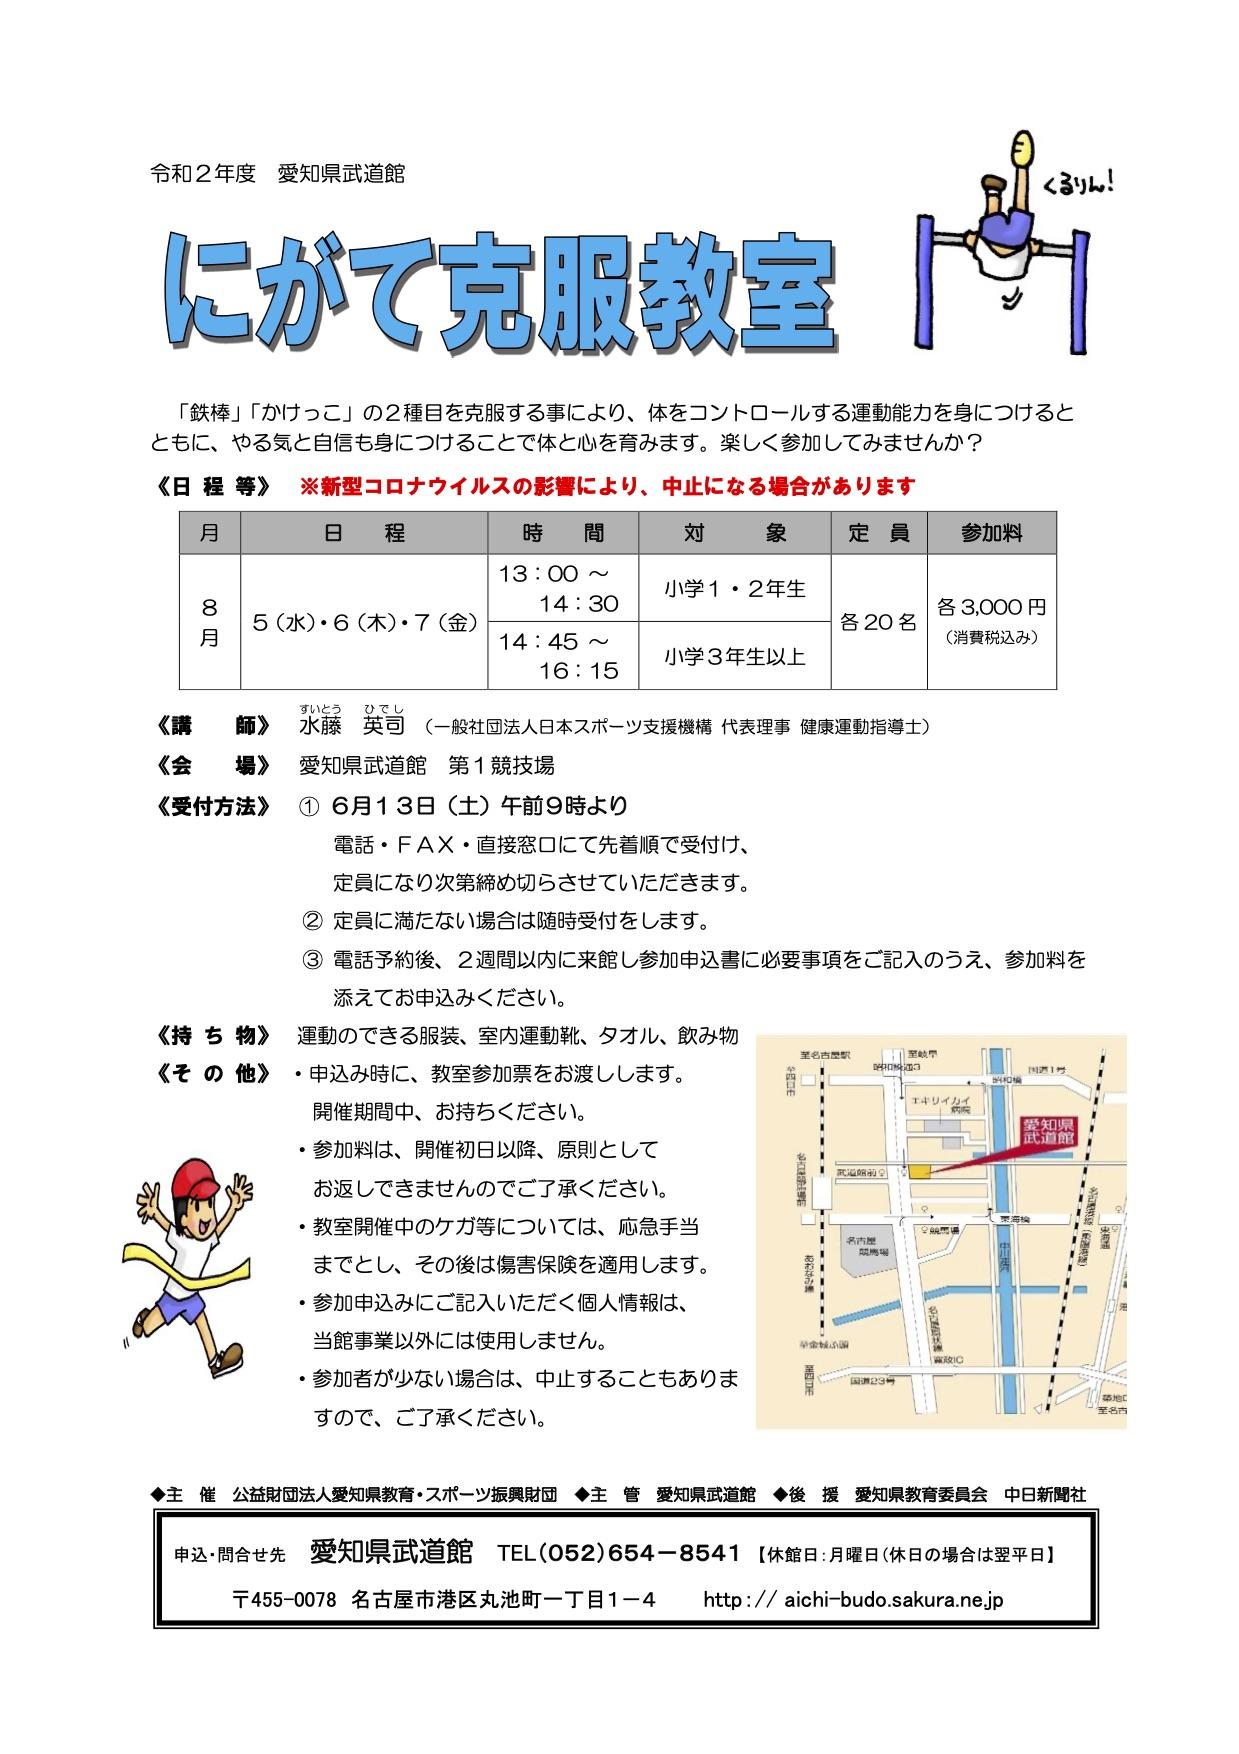 愛知県武道館 にがて克服教室始まります